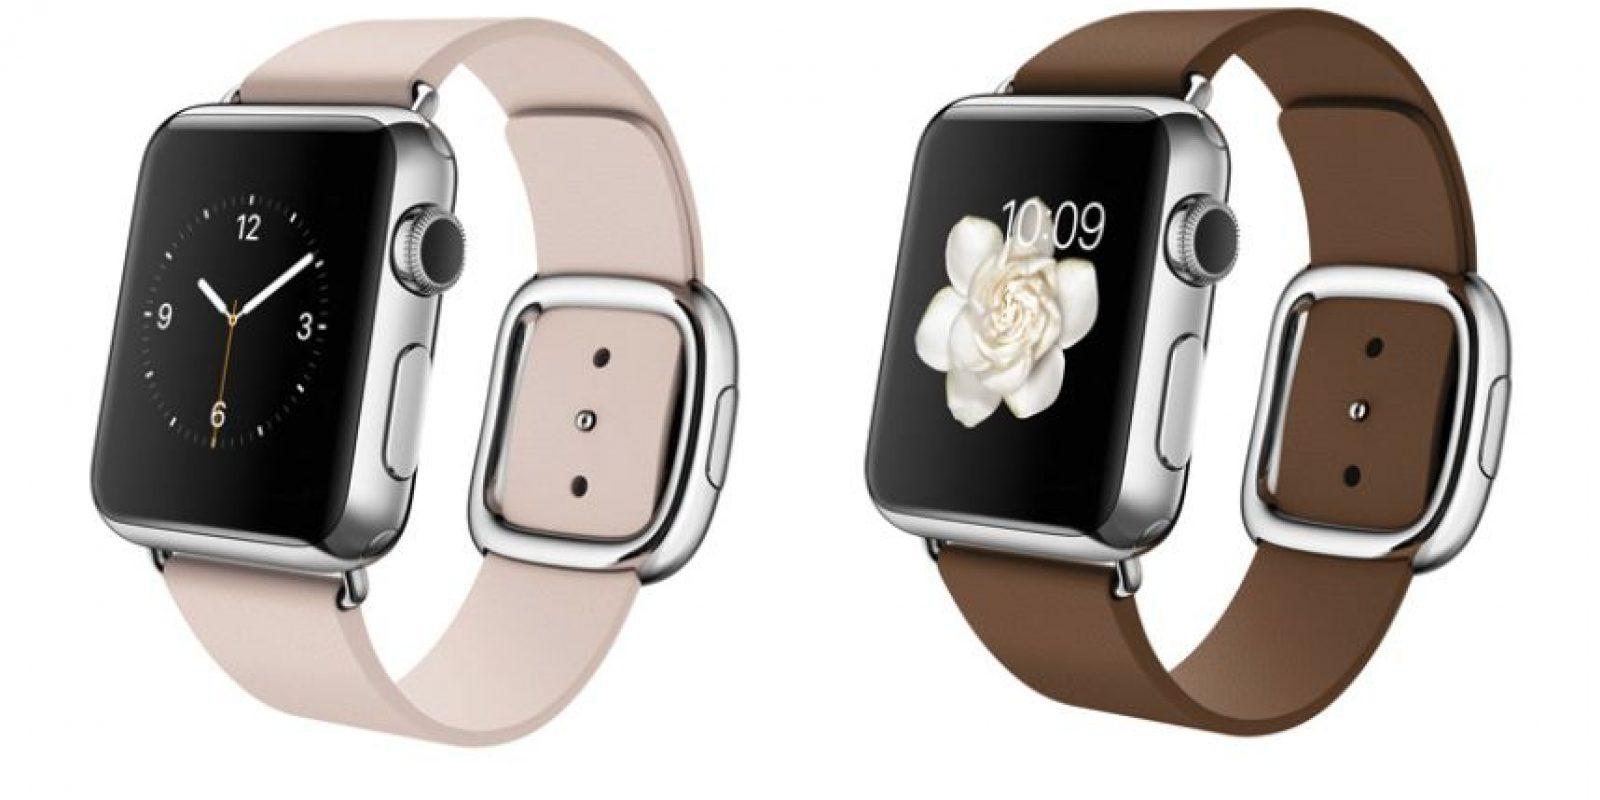 También habrá versiones en rosa y café. Foto:Apple